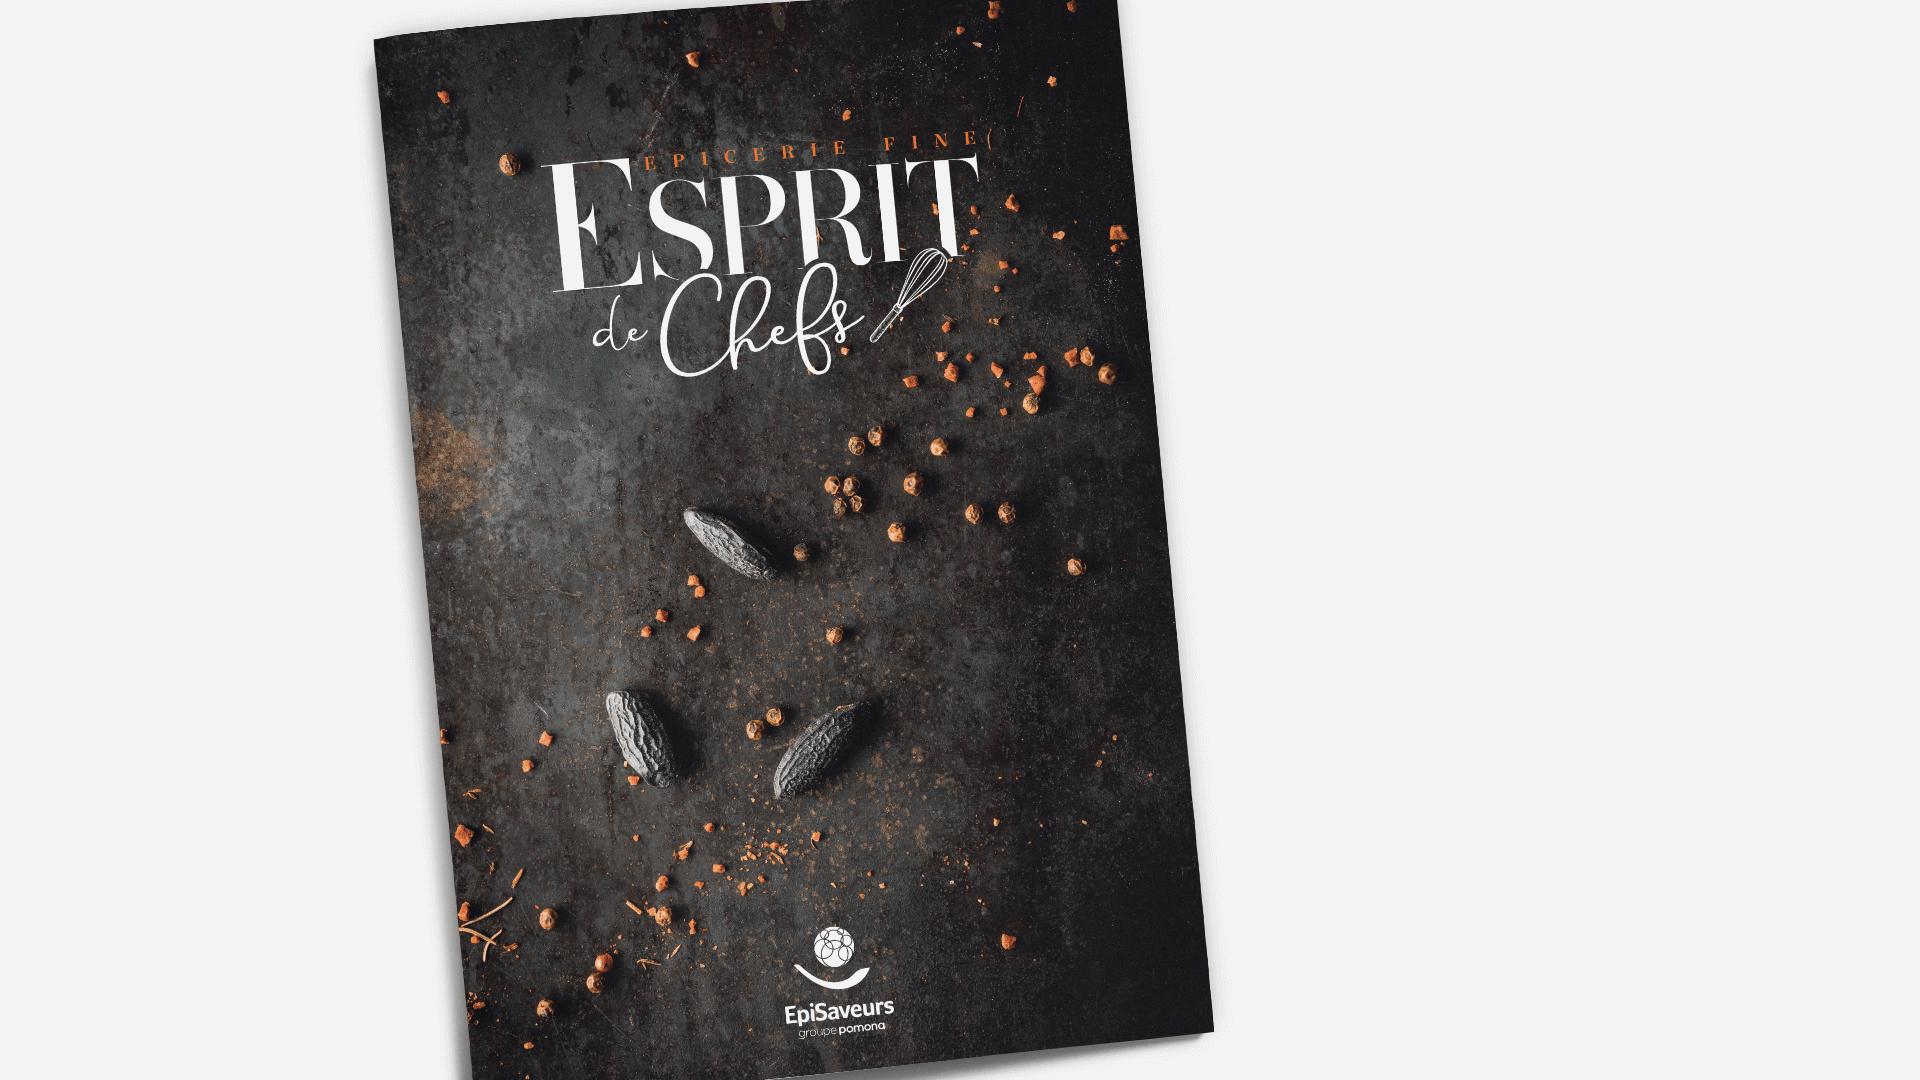 couverture du catalogue Esprit de chefs d'EpiSaveurs